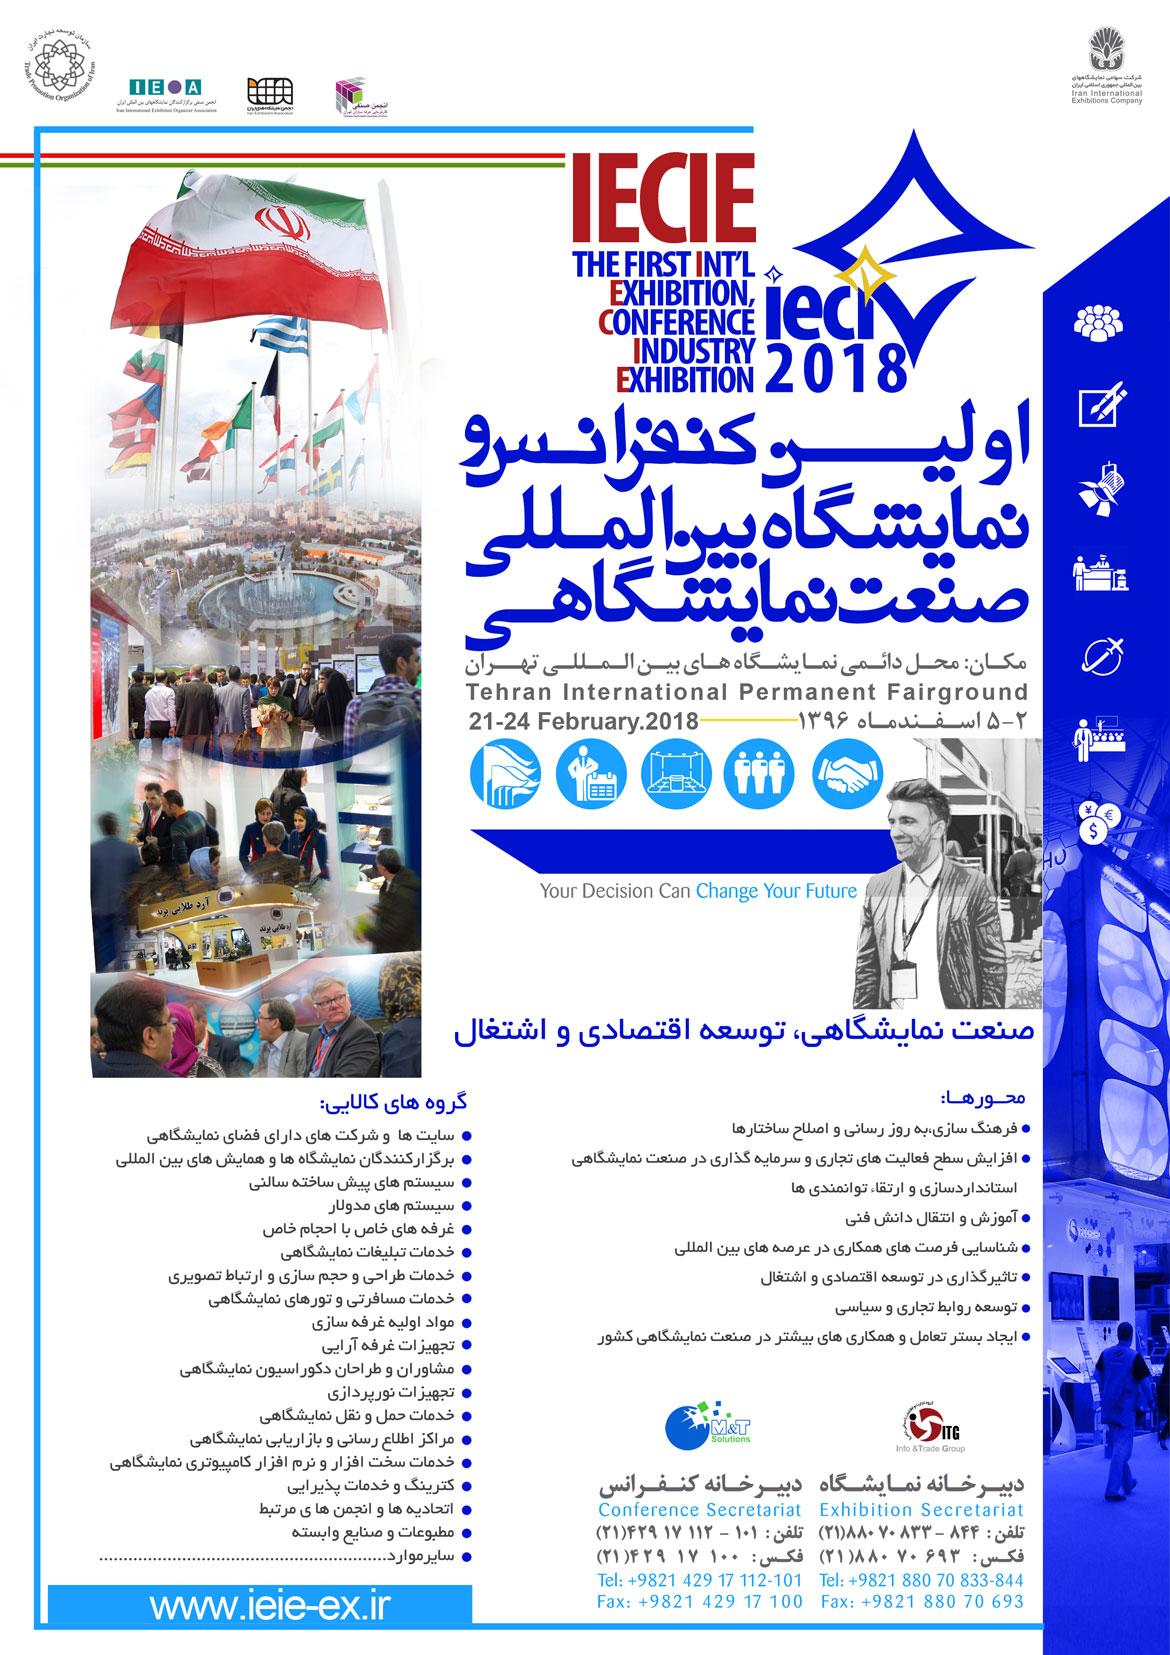 حضور شرکت دیماح در اولین کنفرانس و نمایشگاه بین المللی صنعت نمایشگاهی تهران